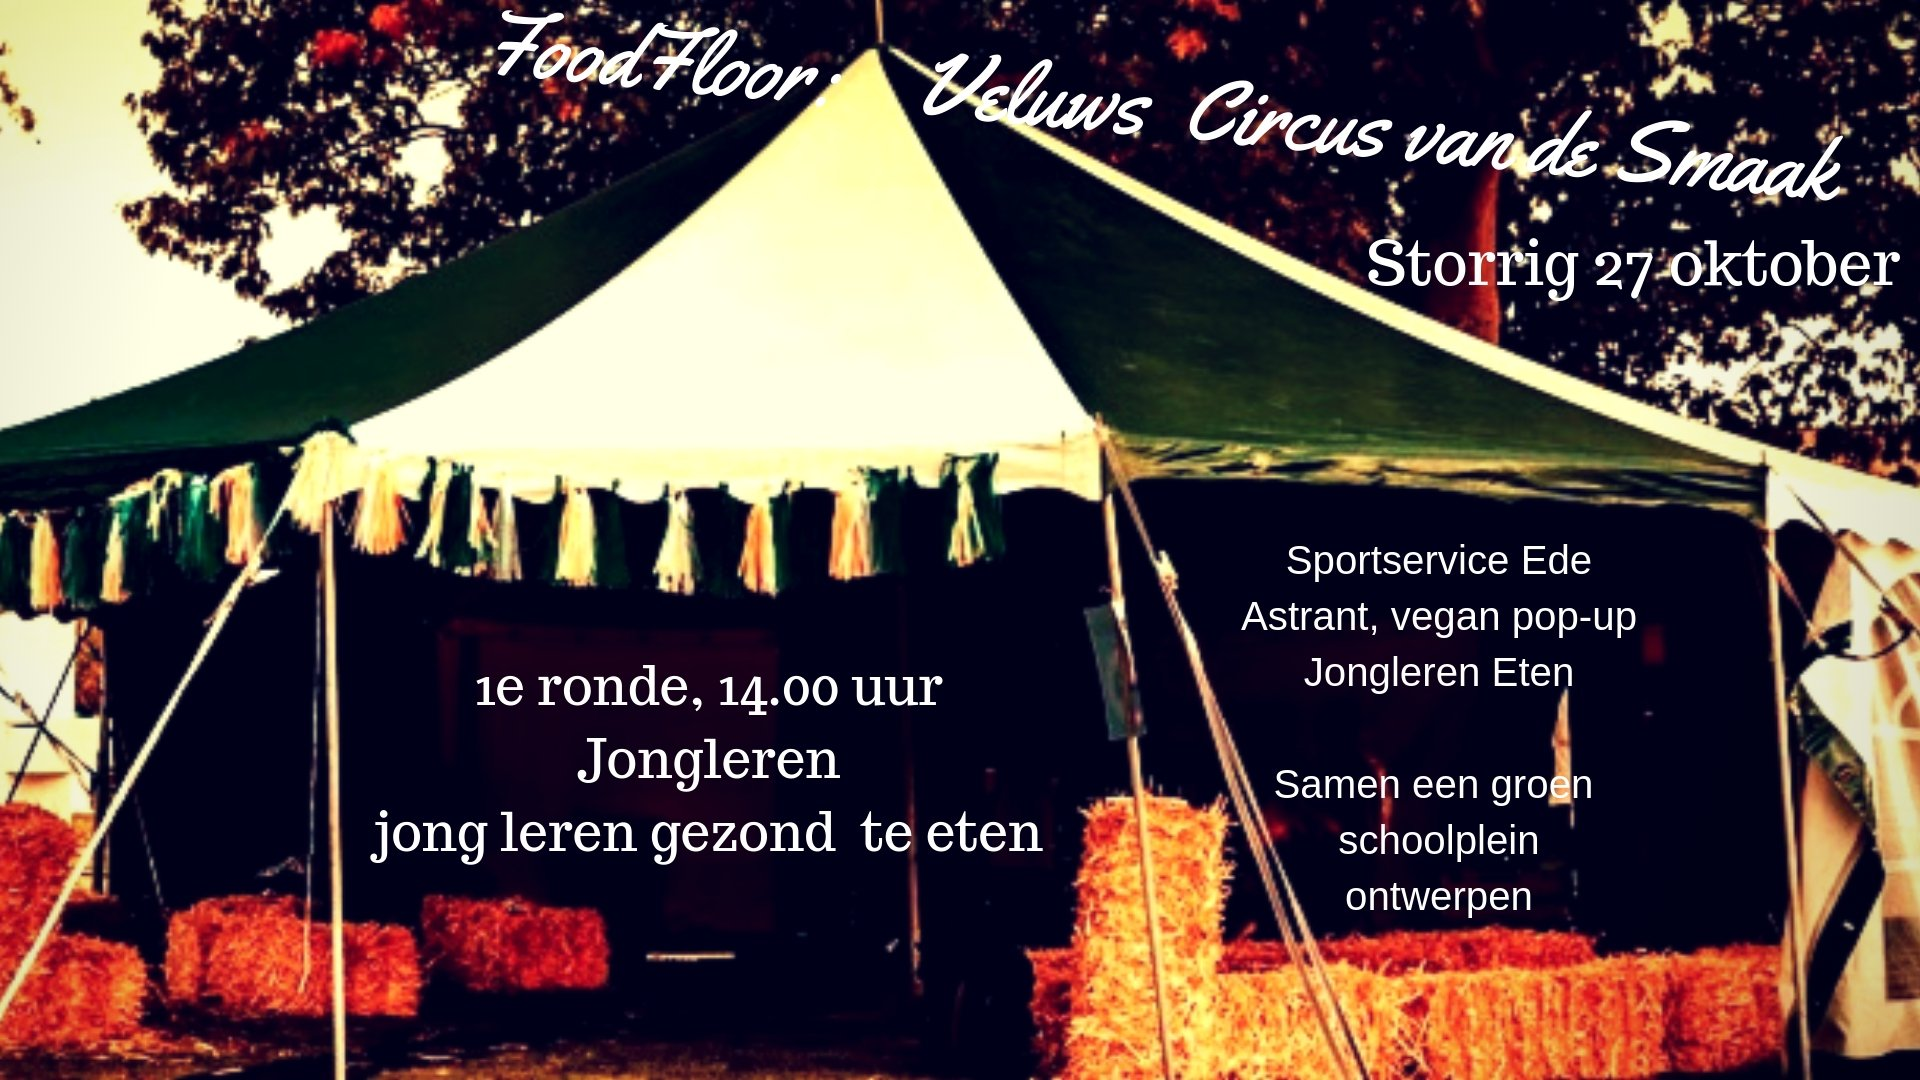 ronde 1 FoodFloor Veluws Circus van de Smaak